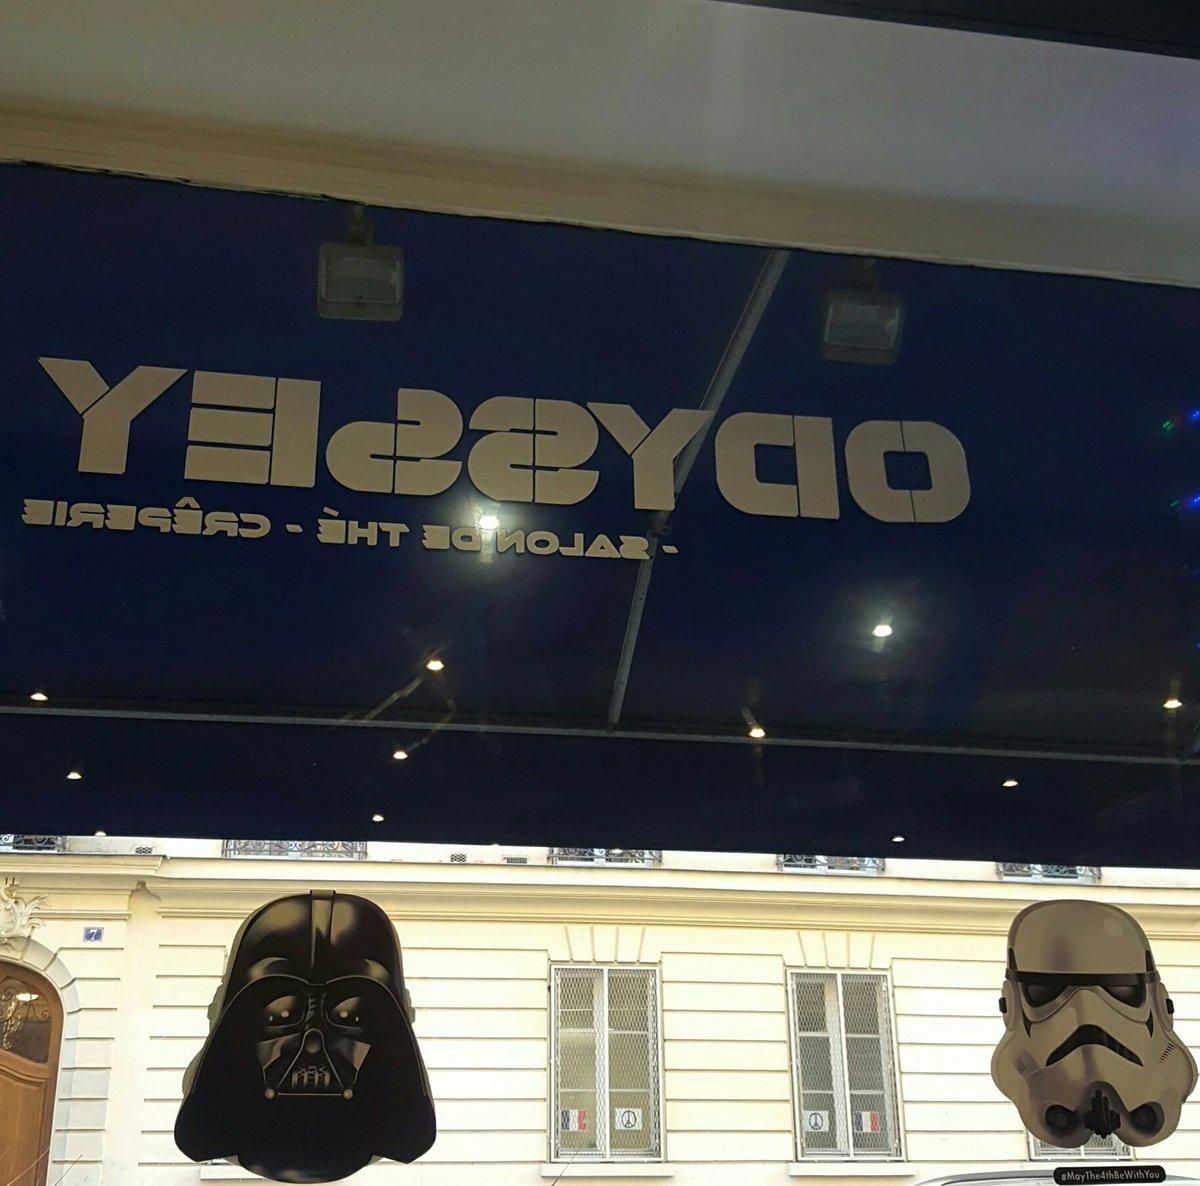 En direct du café/Restaurant Odyssey dans le 5eme Arrondissement de Paris #StarWars #Stormtrooper<br>http://pic.twitter.com/UtGhQrD6G5